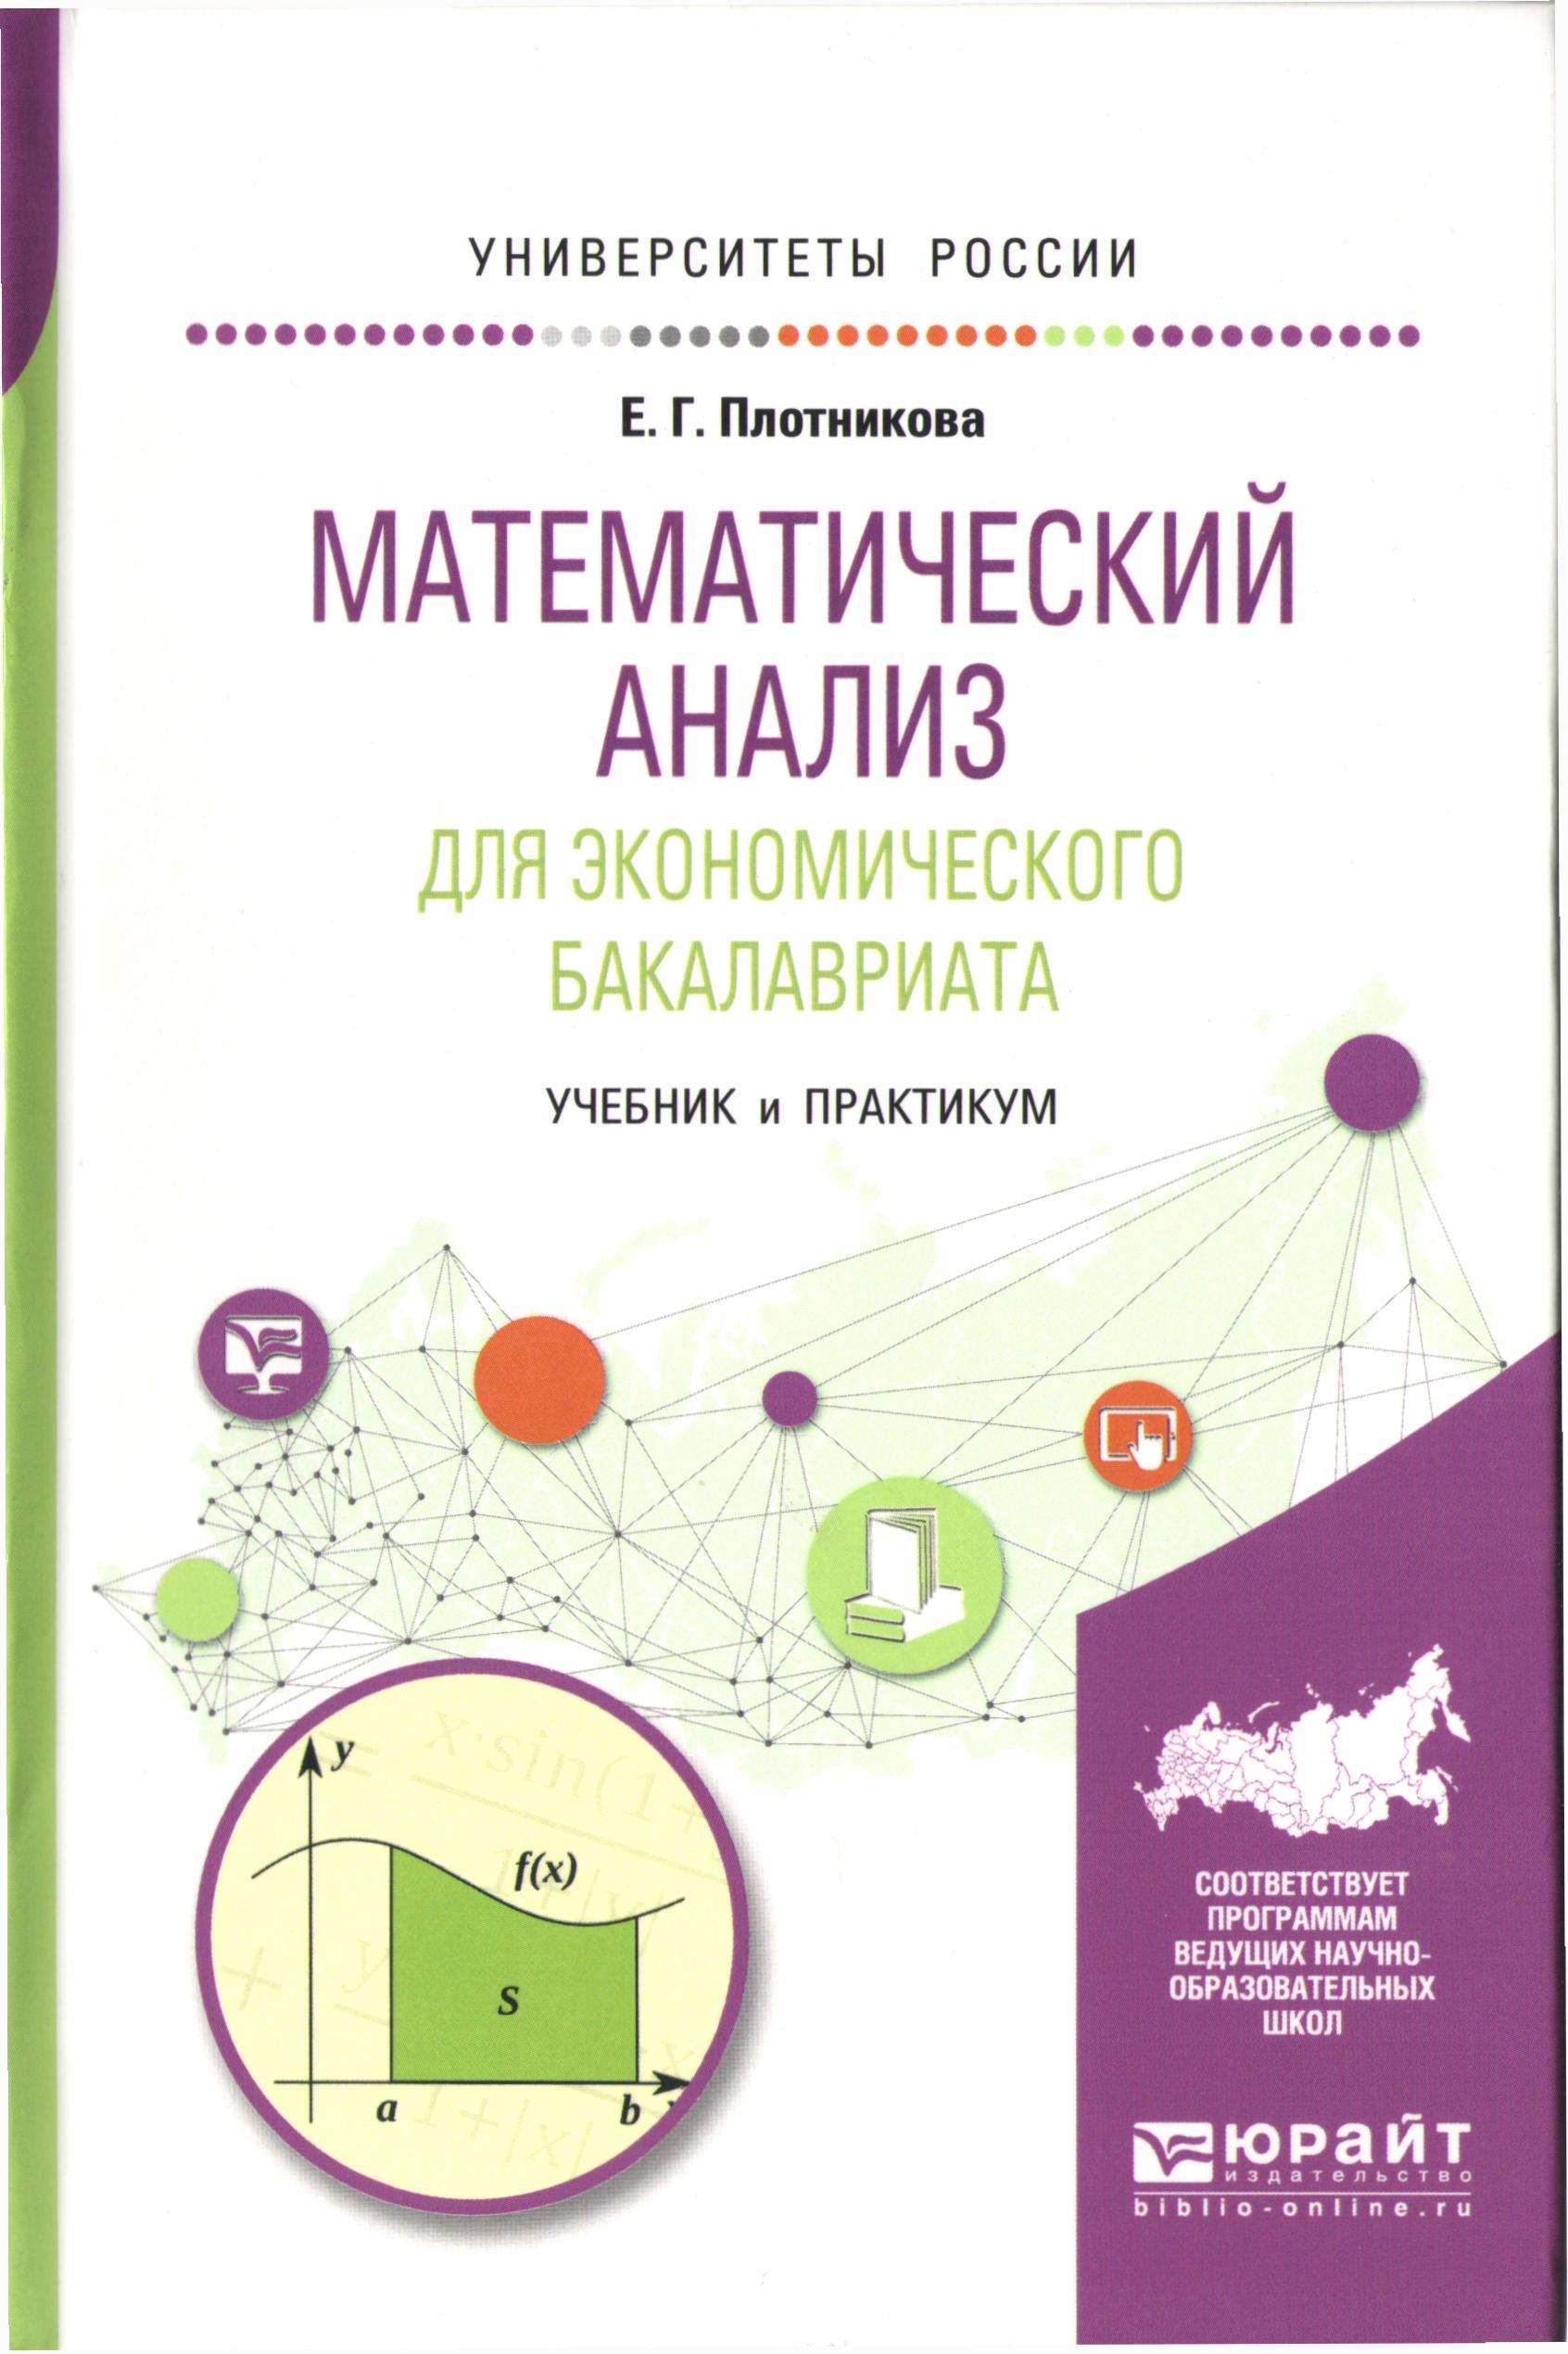 Математический анализ для экономического бакалавриата: учебник и практикум для академического бакалавриата